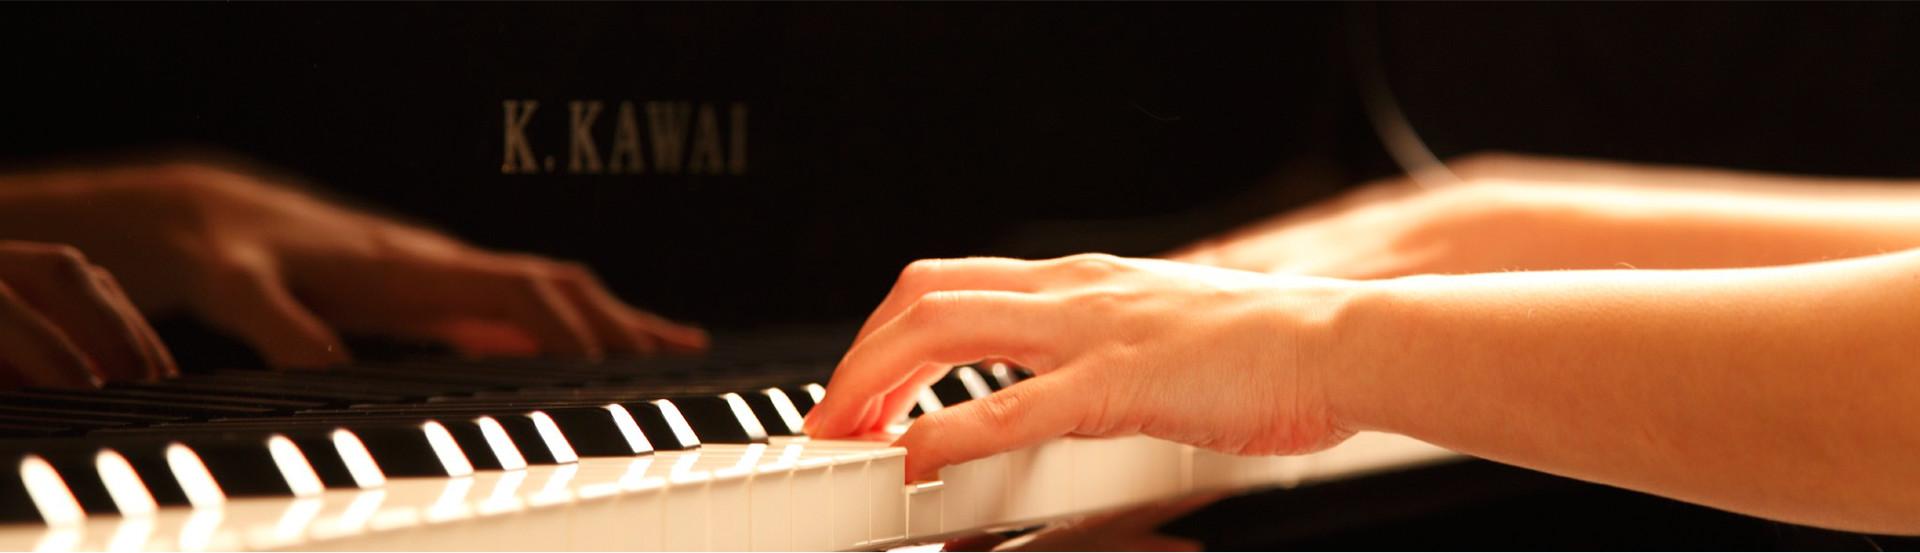 Nên mua đàn Piano Cơ hay Piano Điện cho người mới học?